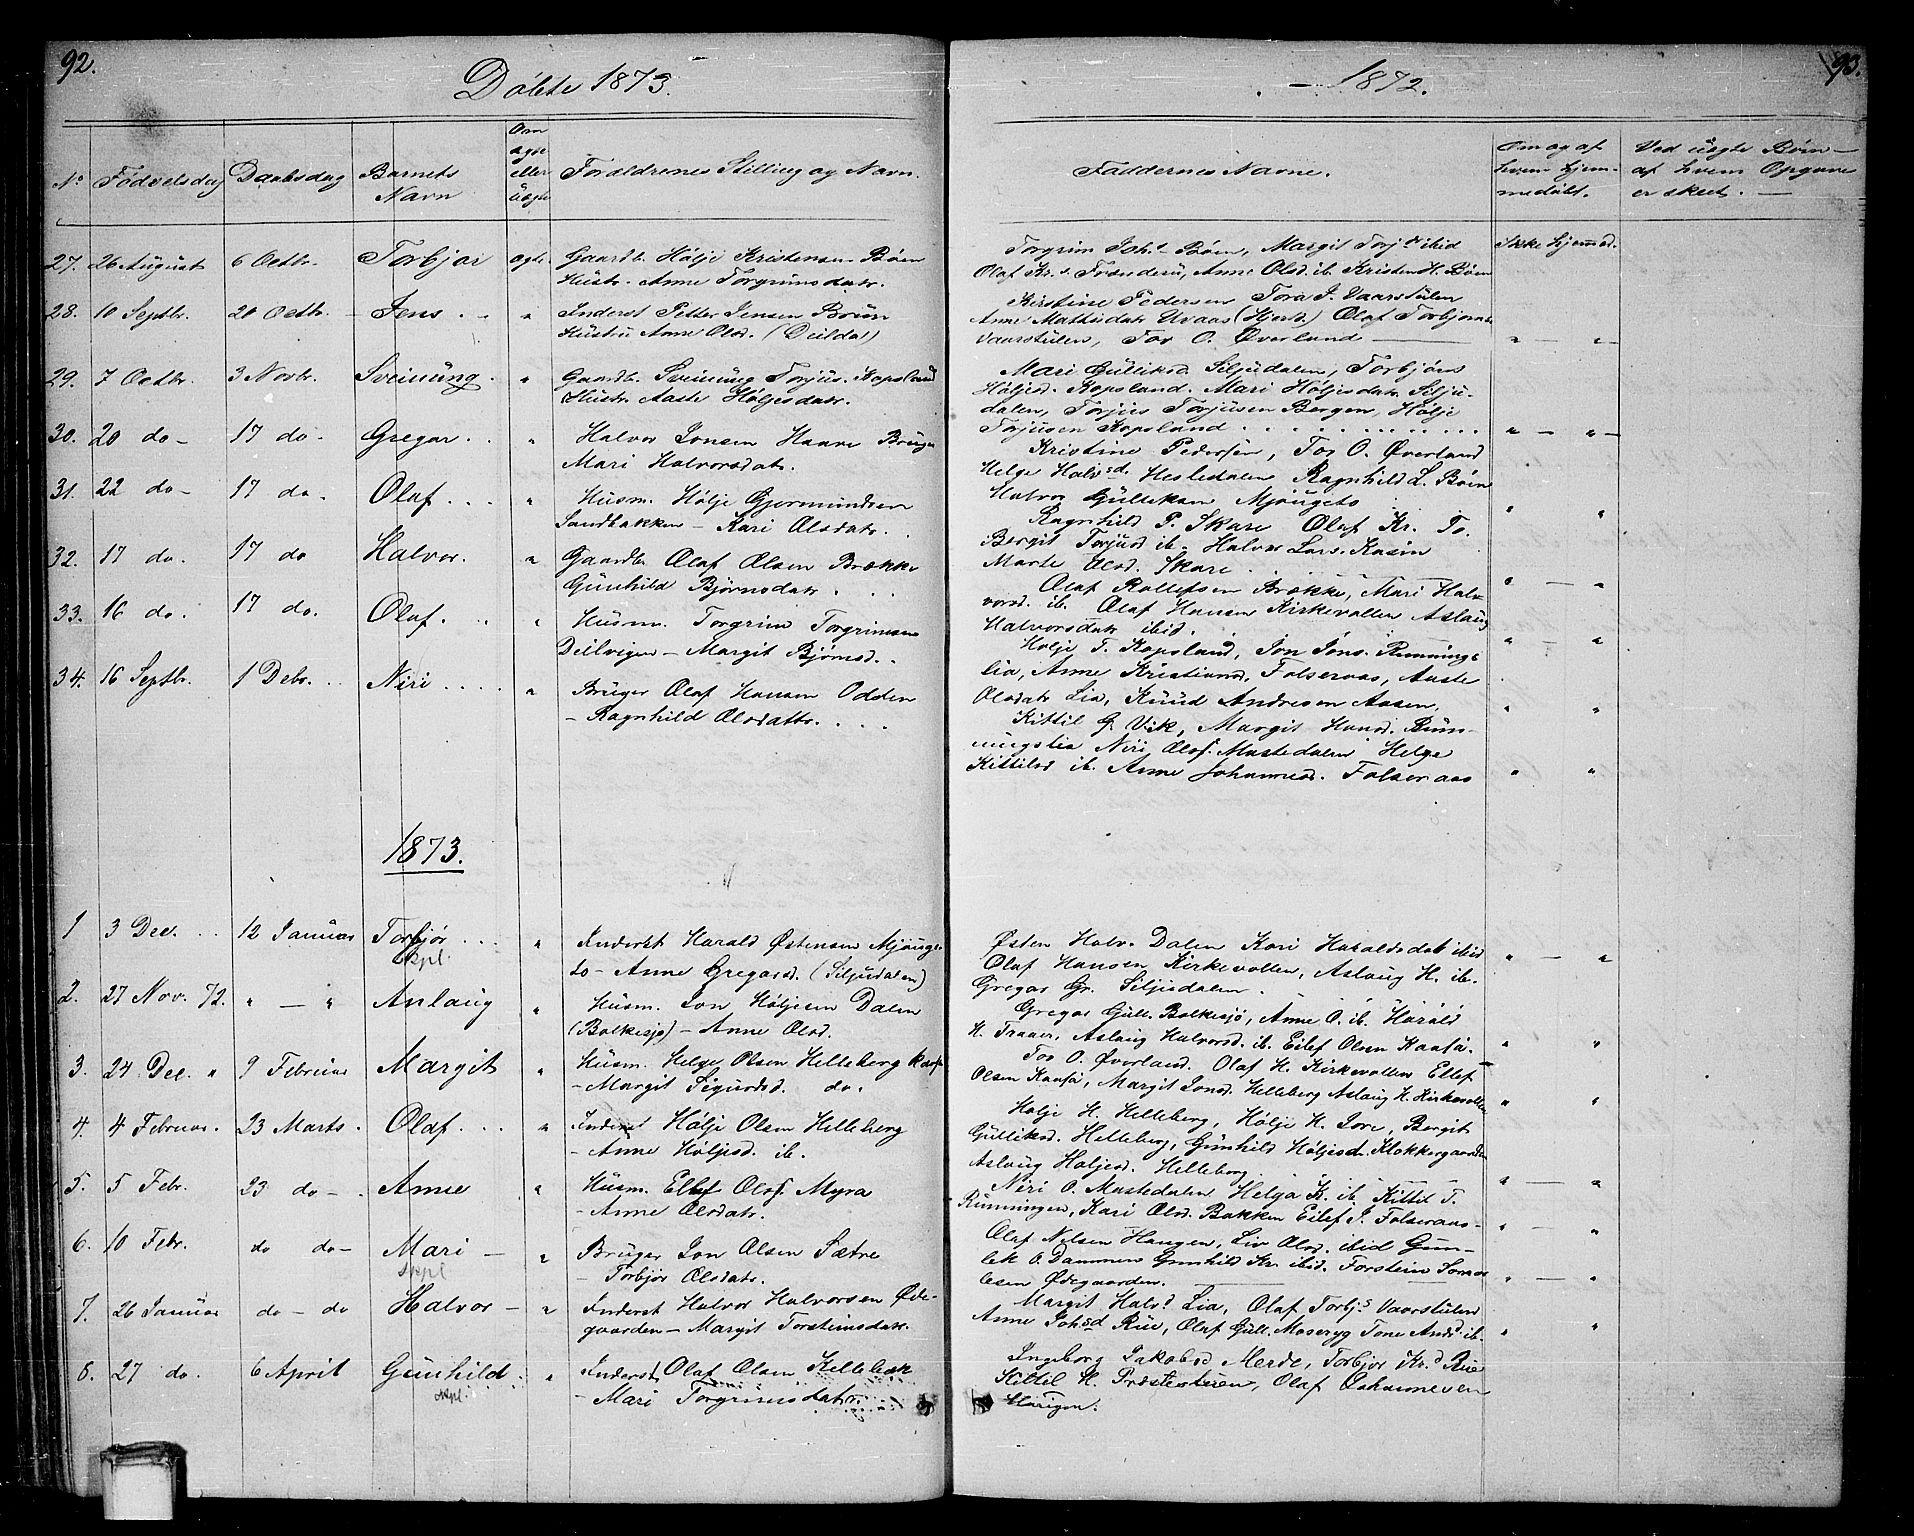 SAKO, Gransherad kirkebøker, G/Ga/L0002: Klokkerbok nr. I 2, 1854-1886, s. 92-93